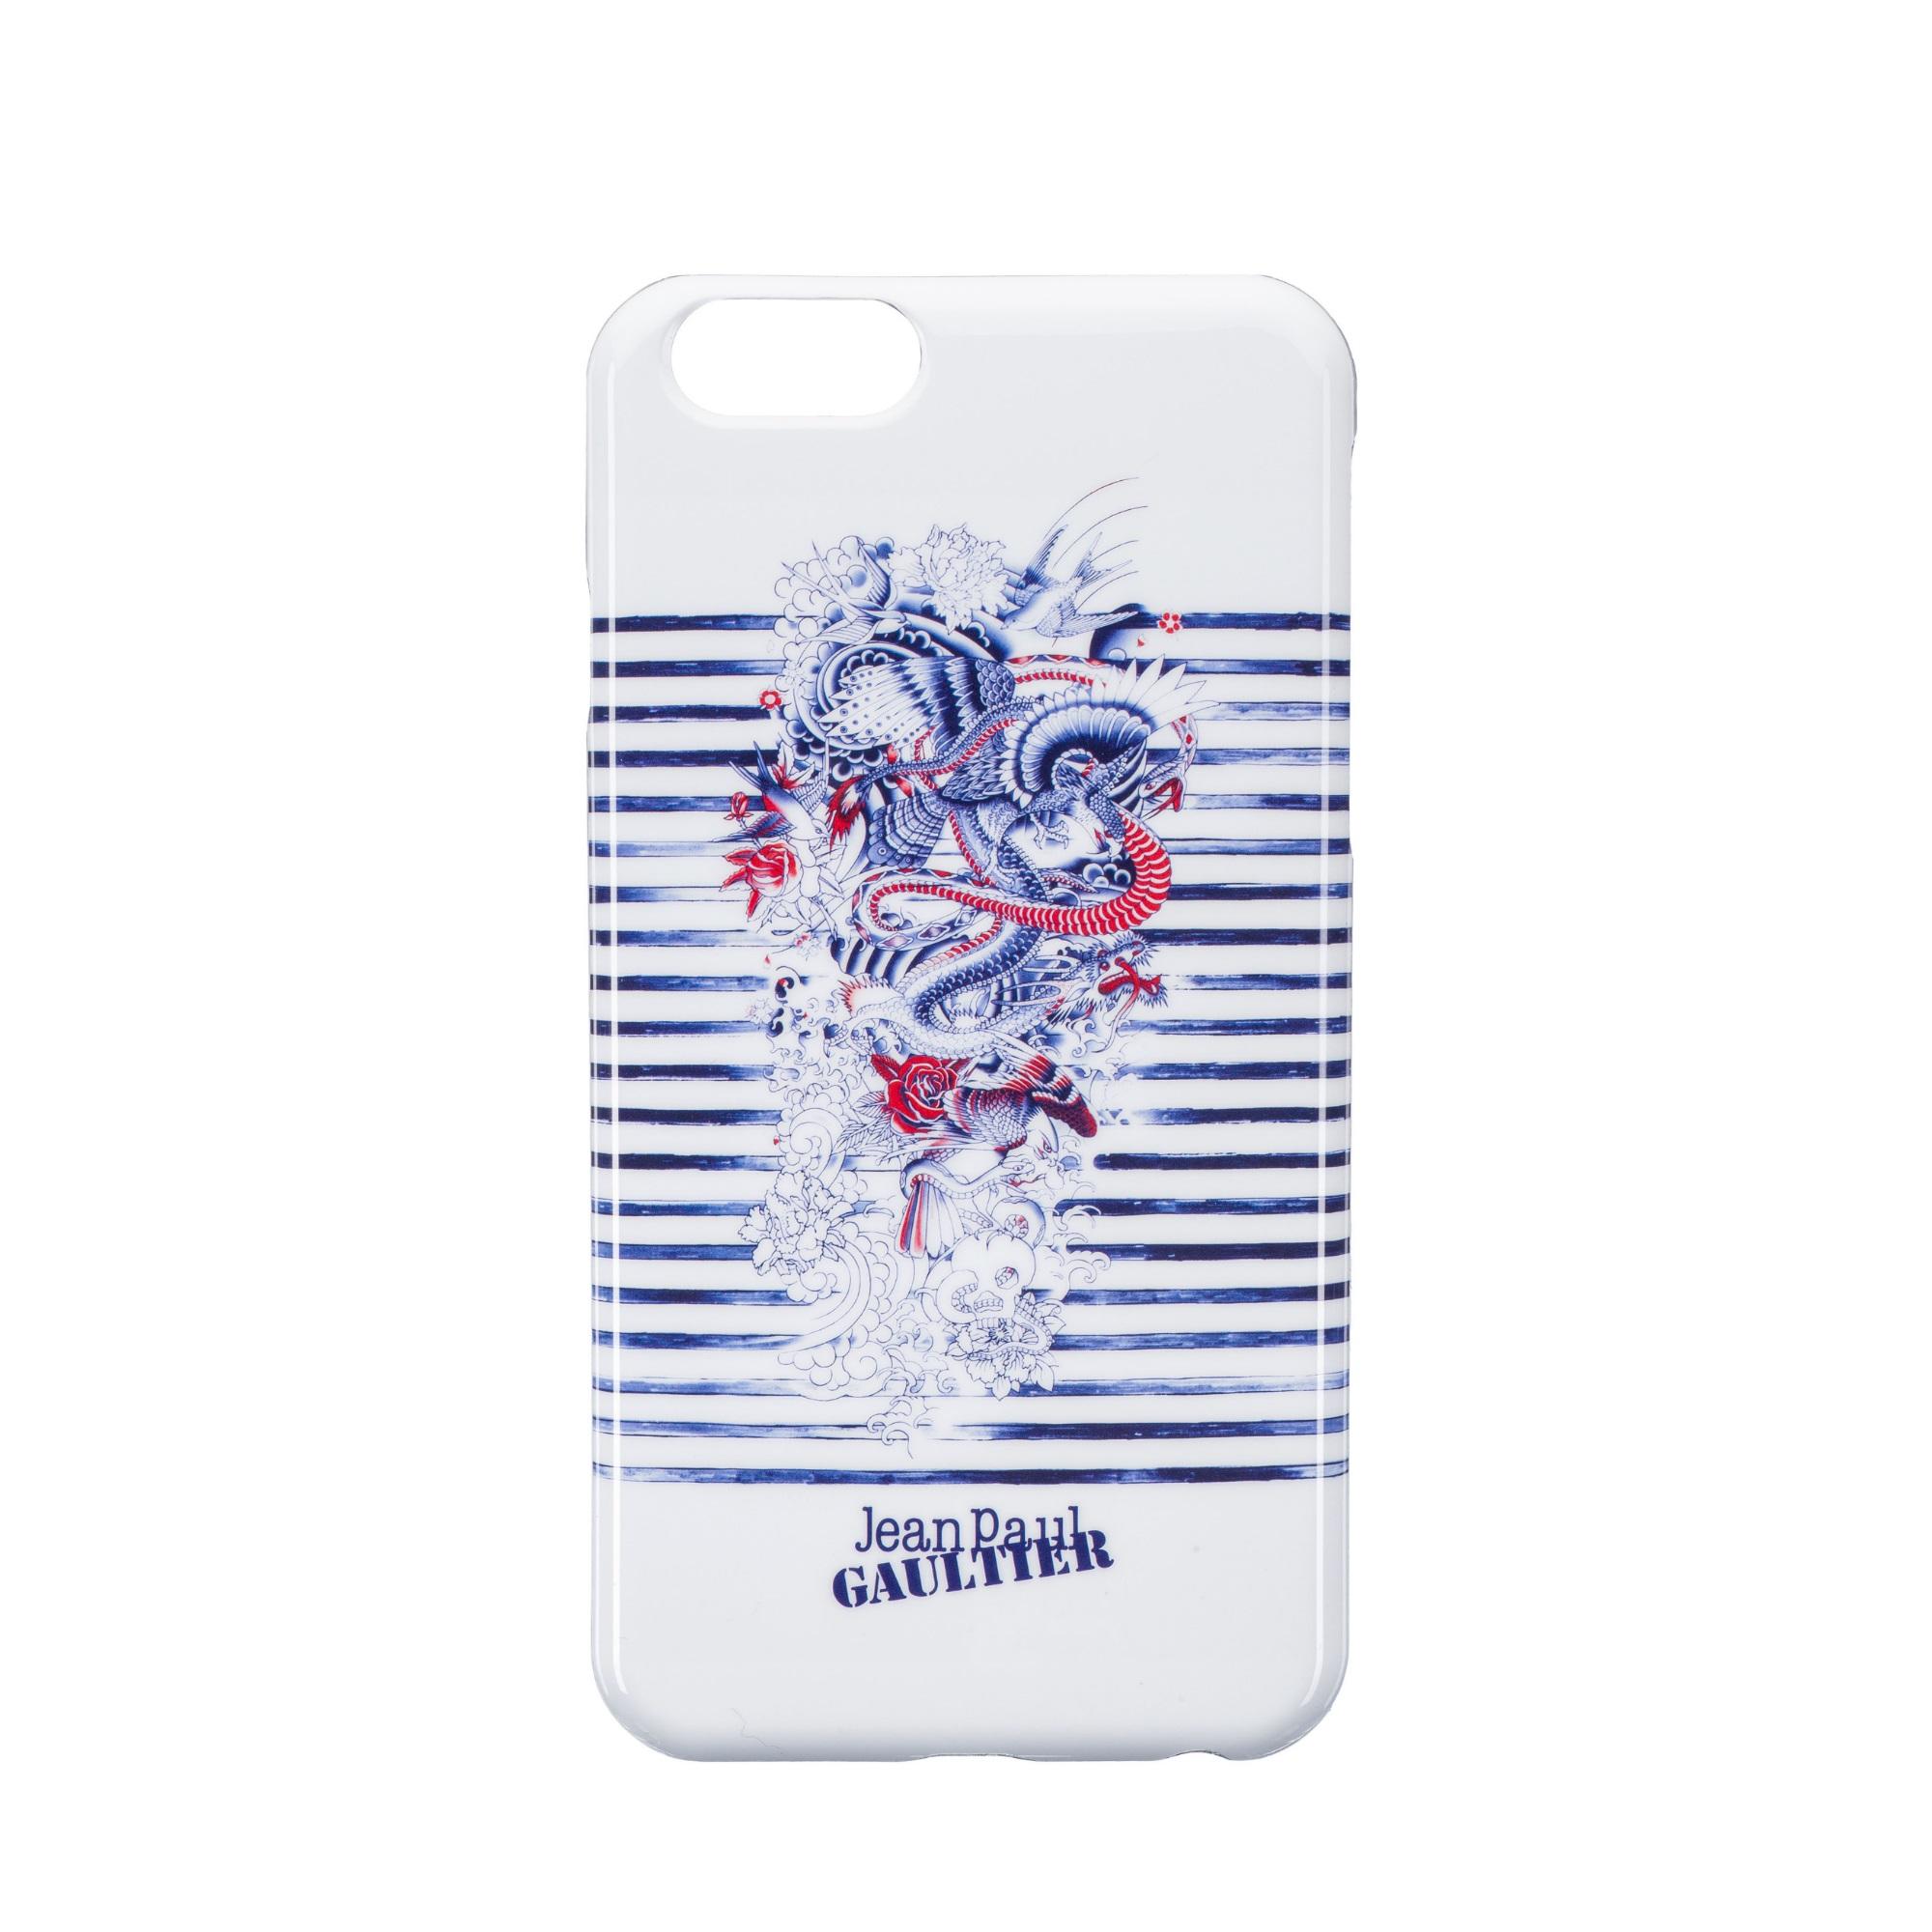 coque iphone 6 gaultier